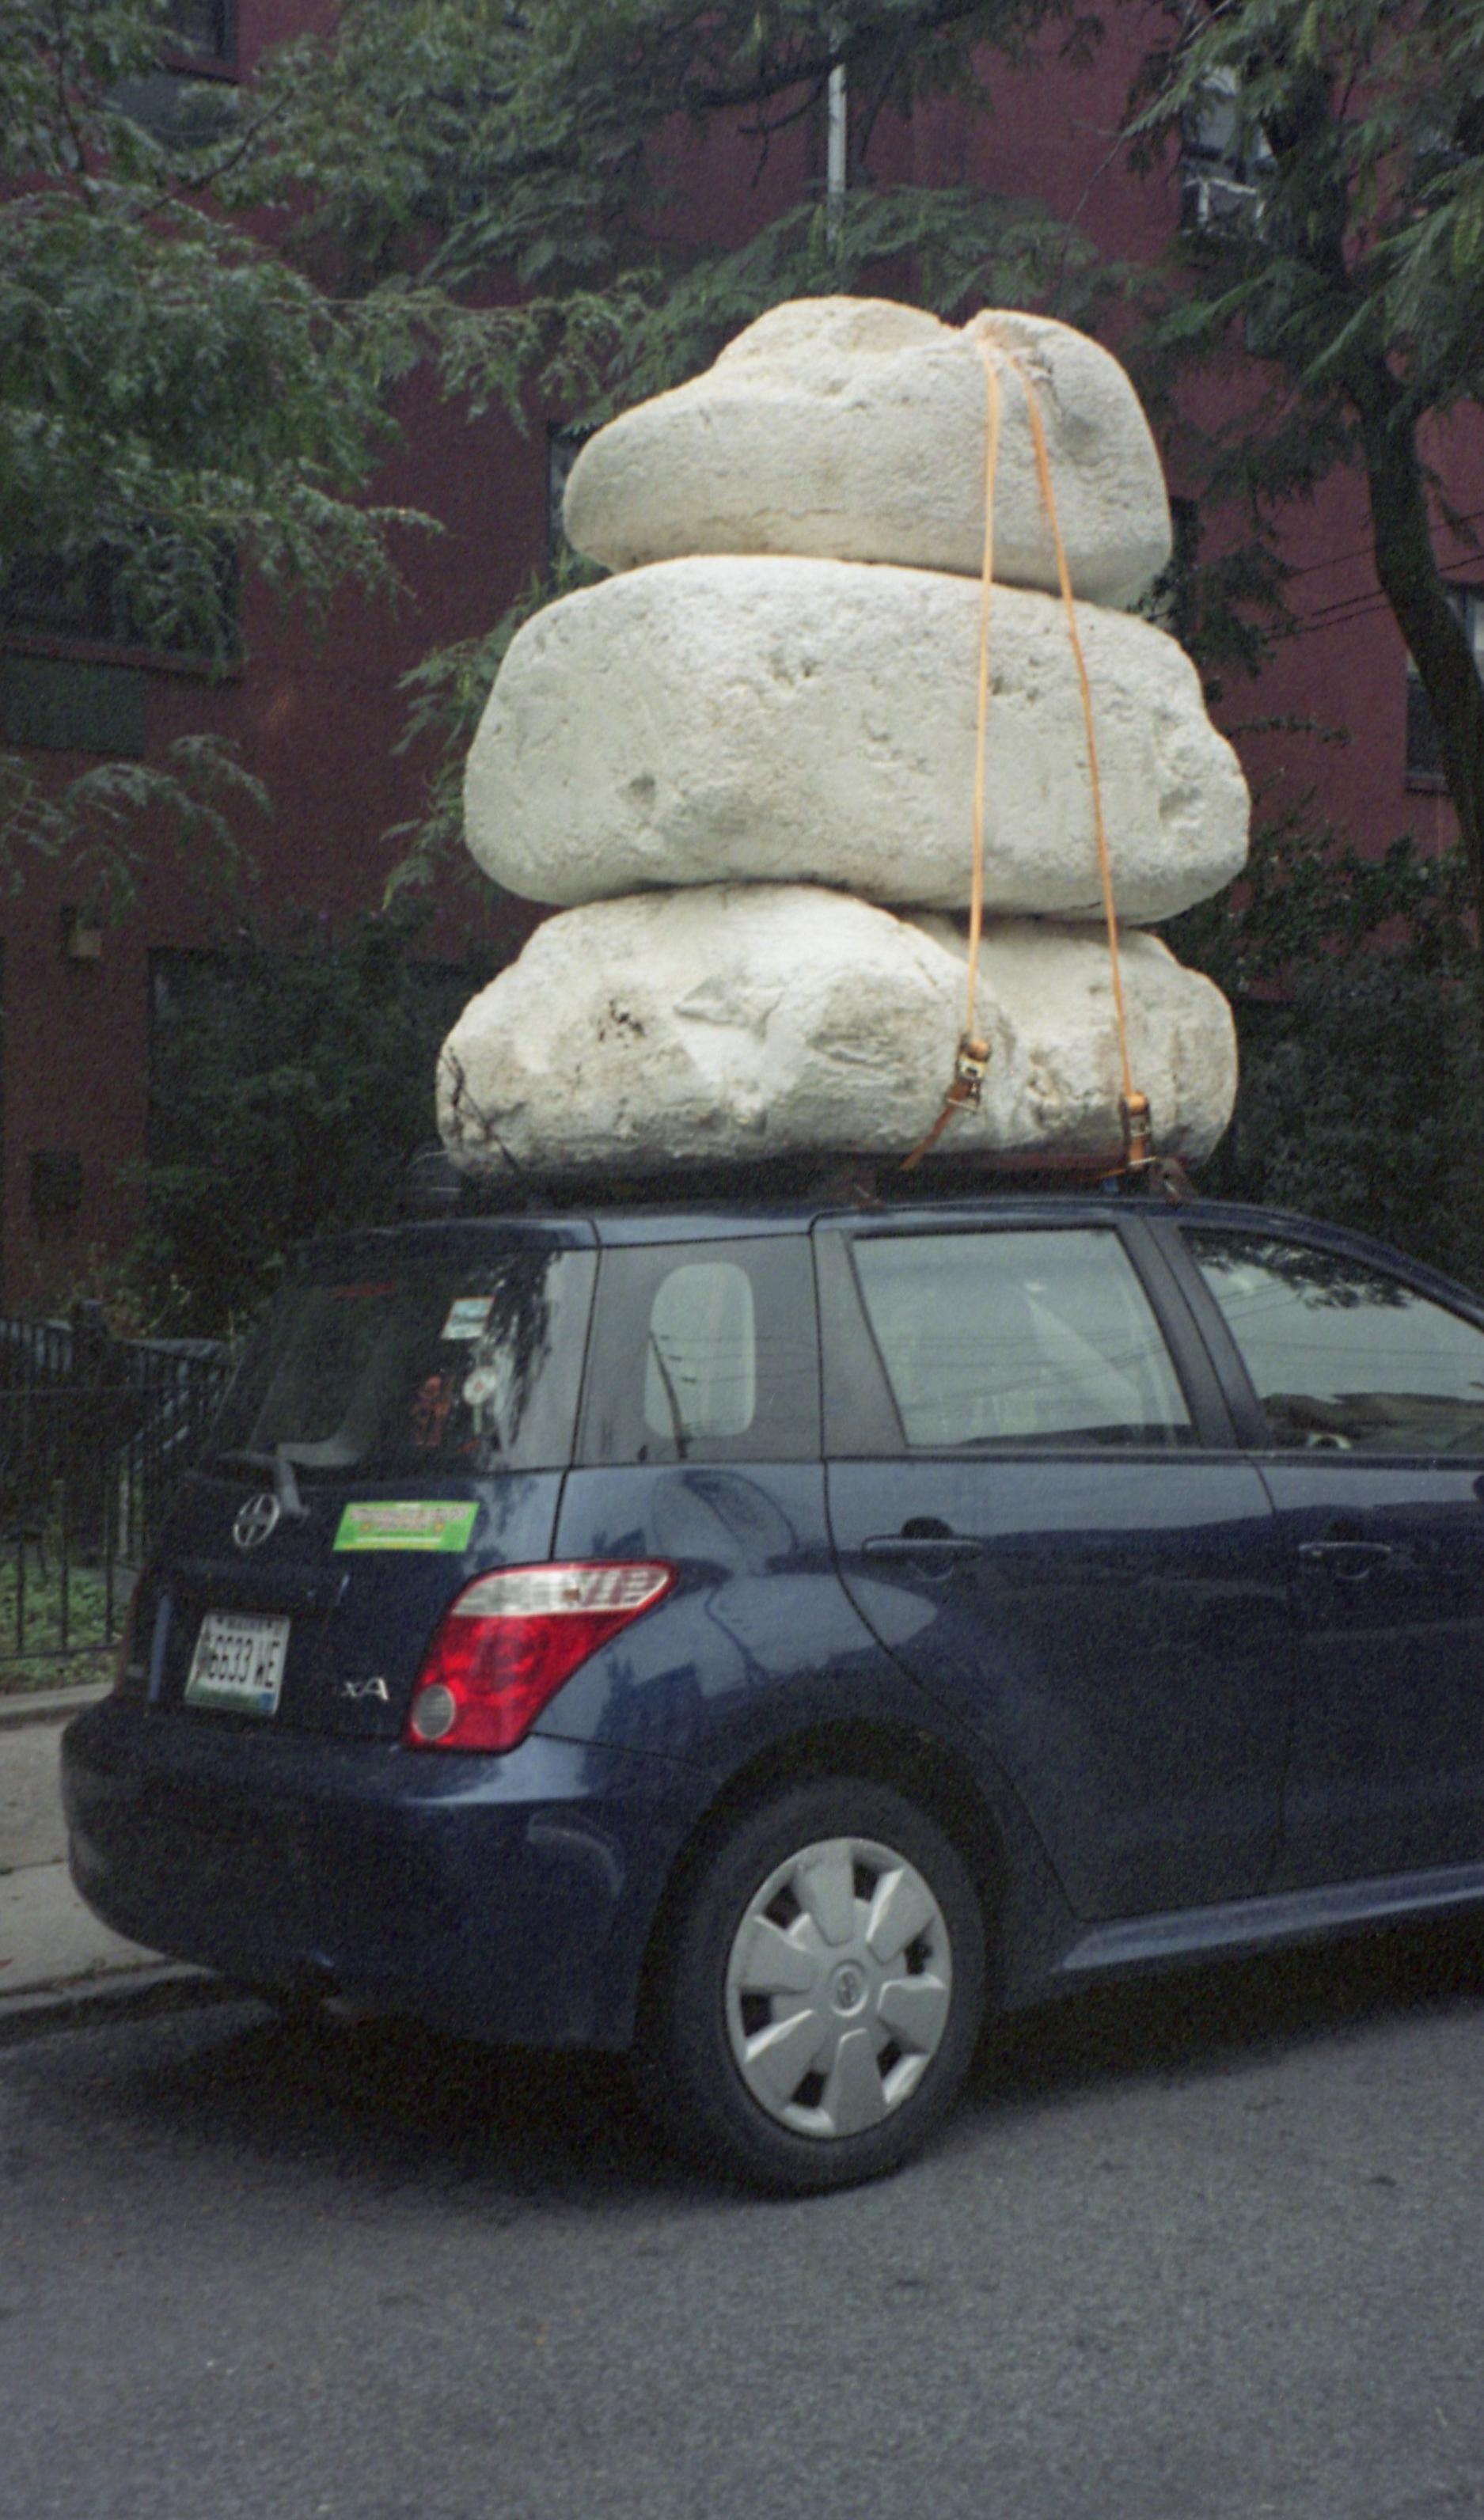 Piedras en el carro.jpg